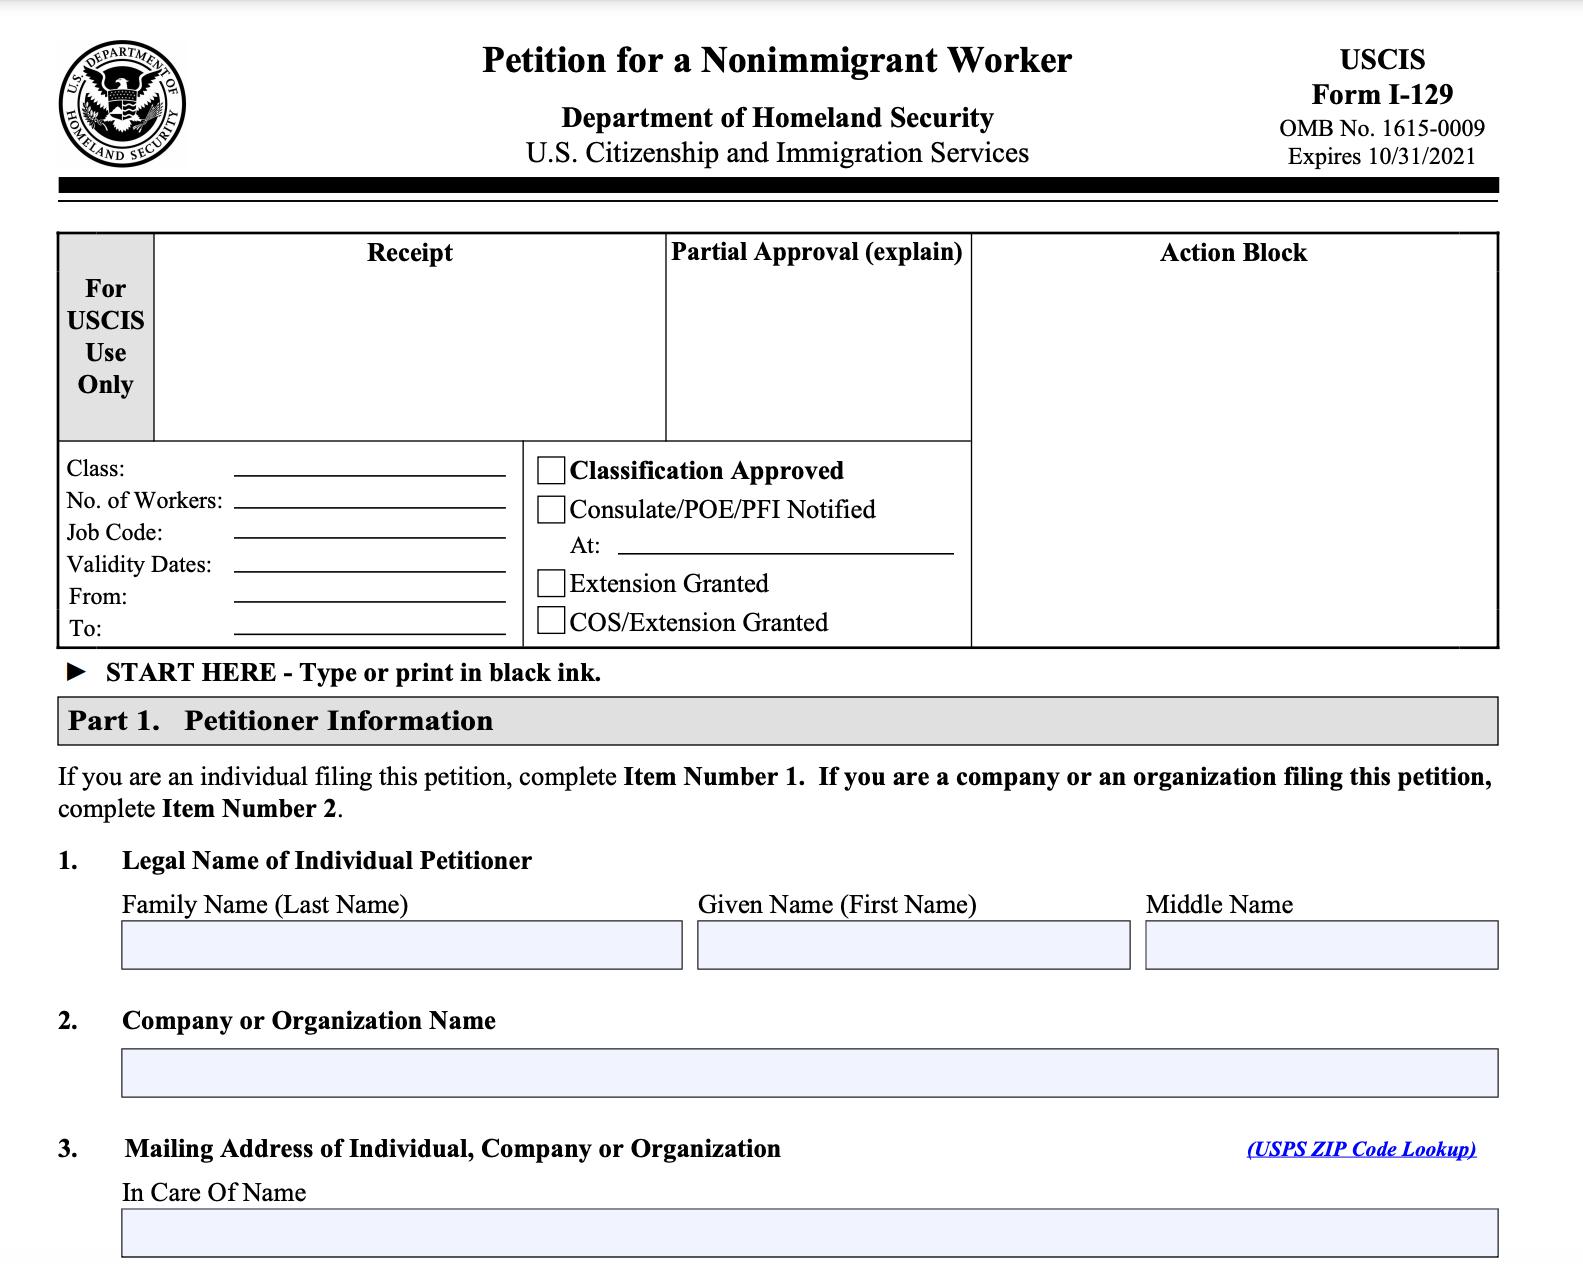 The H-1B visa form, Form I-129